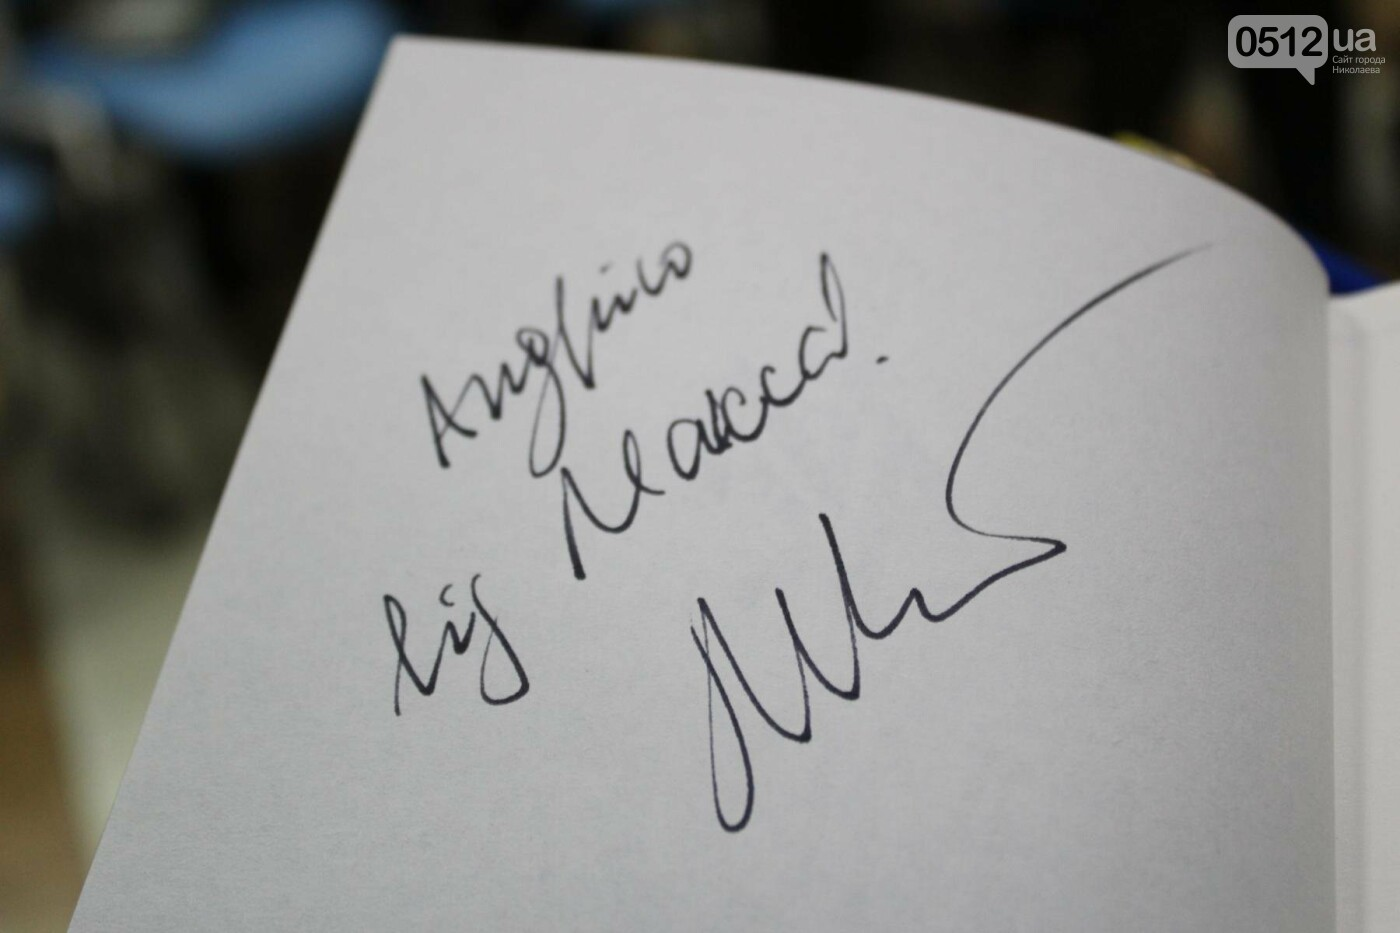 """Современный писатель Макс Кидрук в Николаеве вызвал ажиотаж презентацией мистического романа """"Не озирайся і мовчи"""", фото-5"""